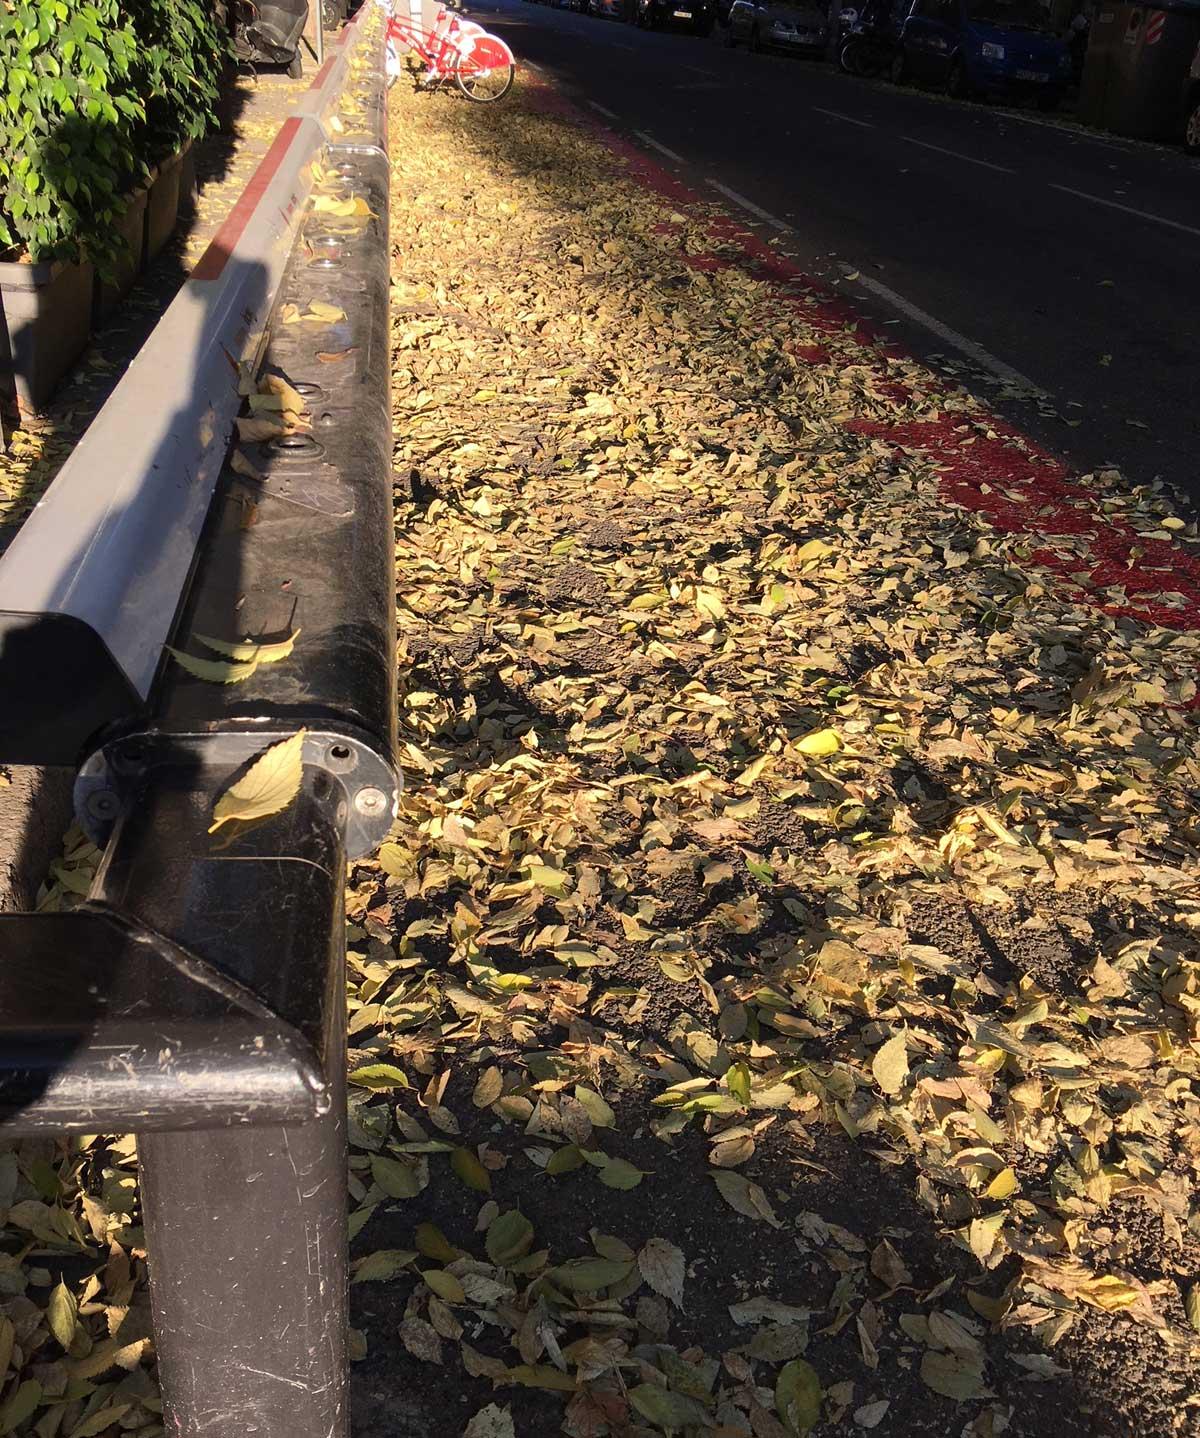 Caída otoñal de hojas. Ensanche izquierdo. Barcelona, nov. 2017